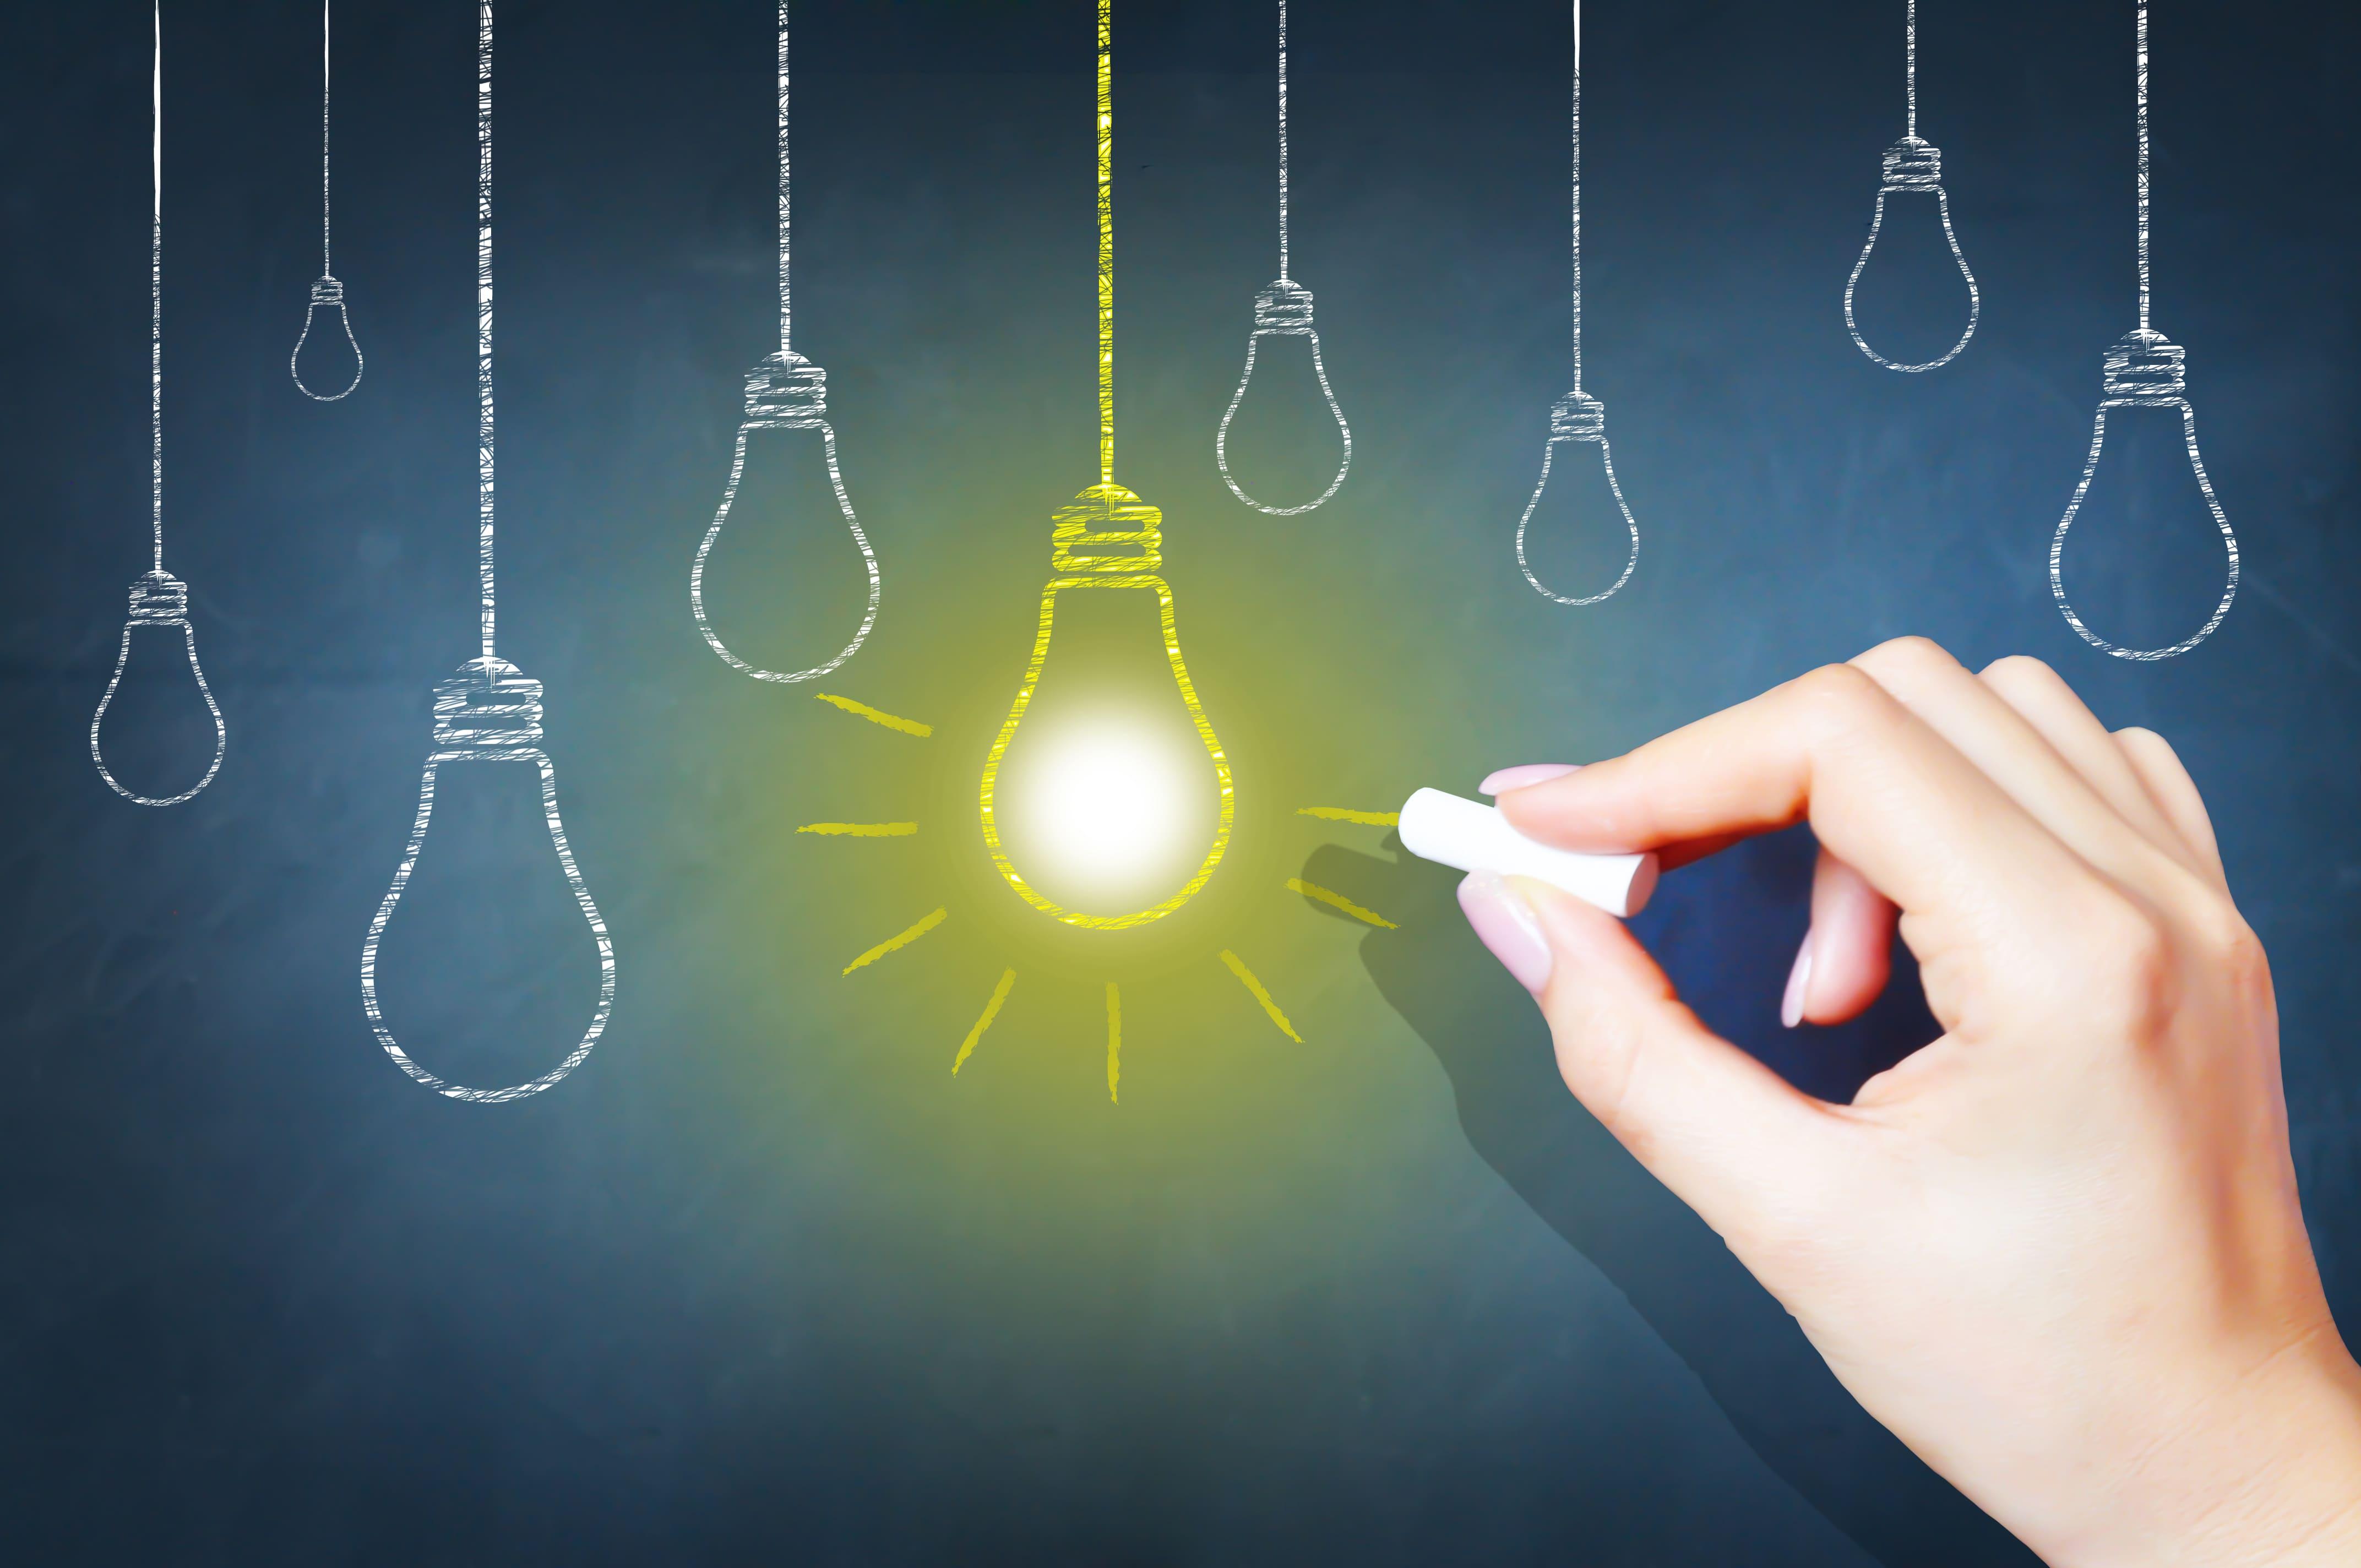 Imagem de uma lousa com uma luz desenhada para remeter a uma ideia para empreender em Novo Gama